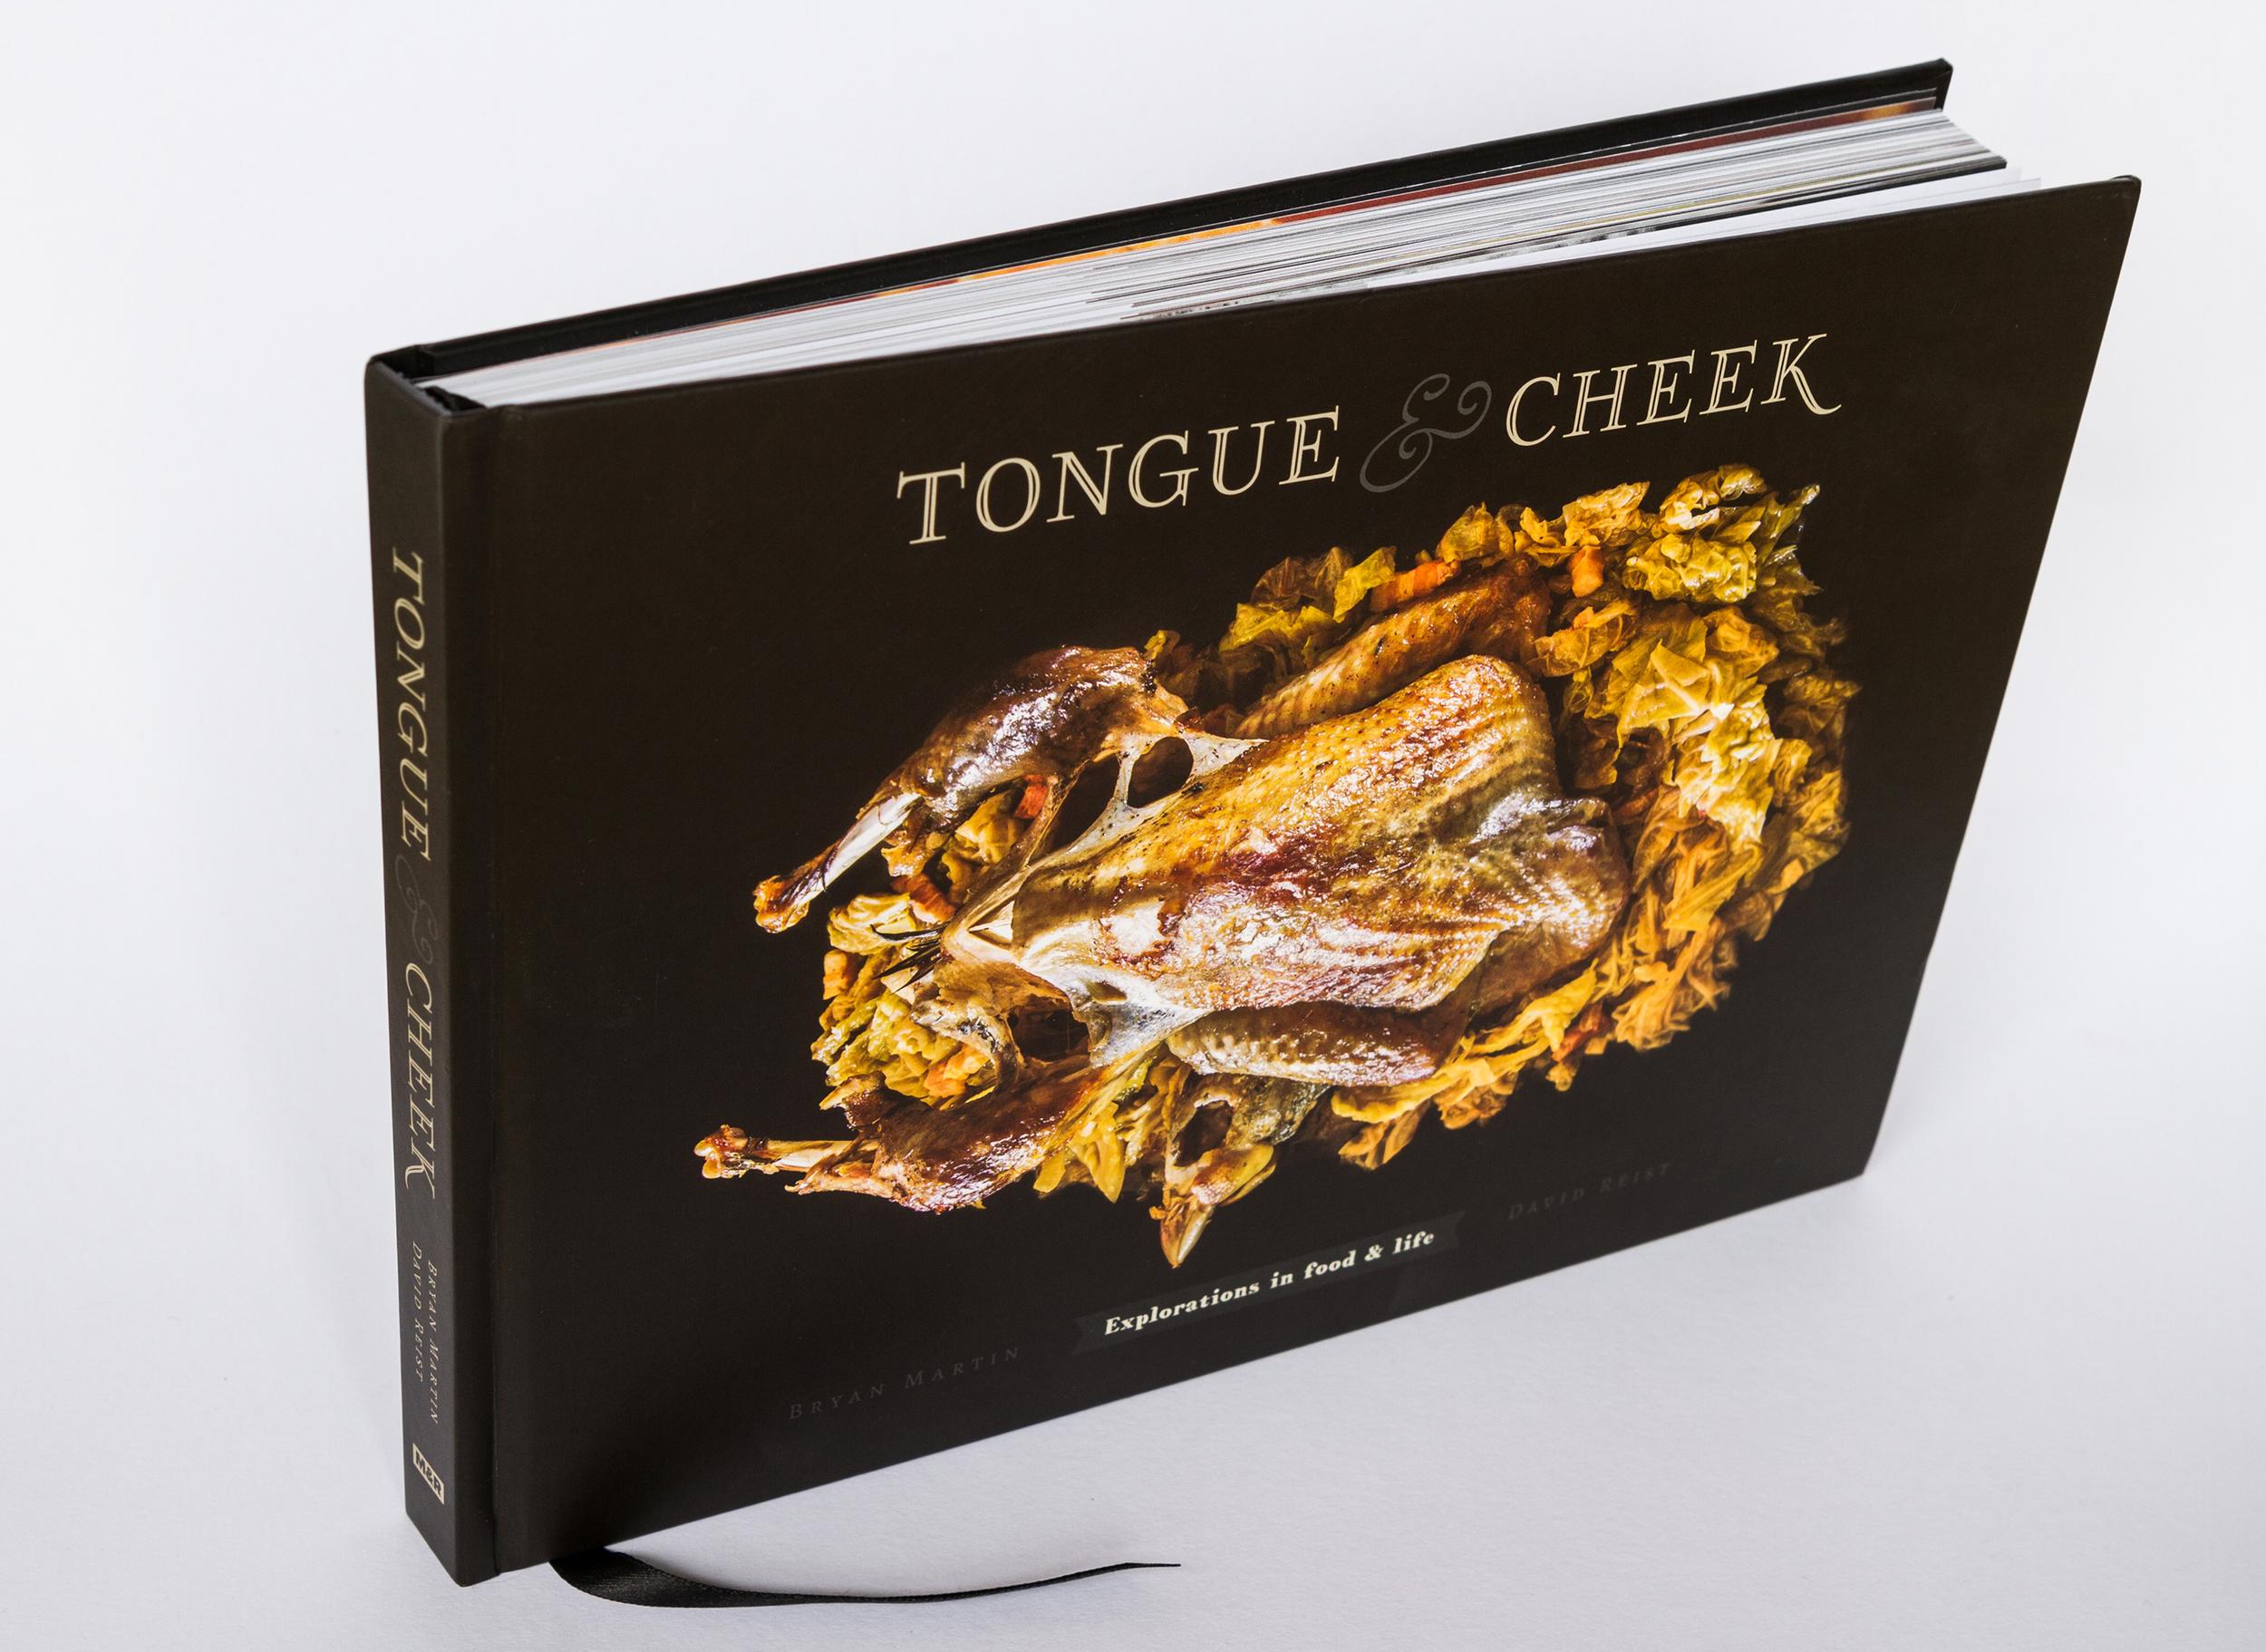 TongueAndCheekBook.jpg